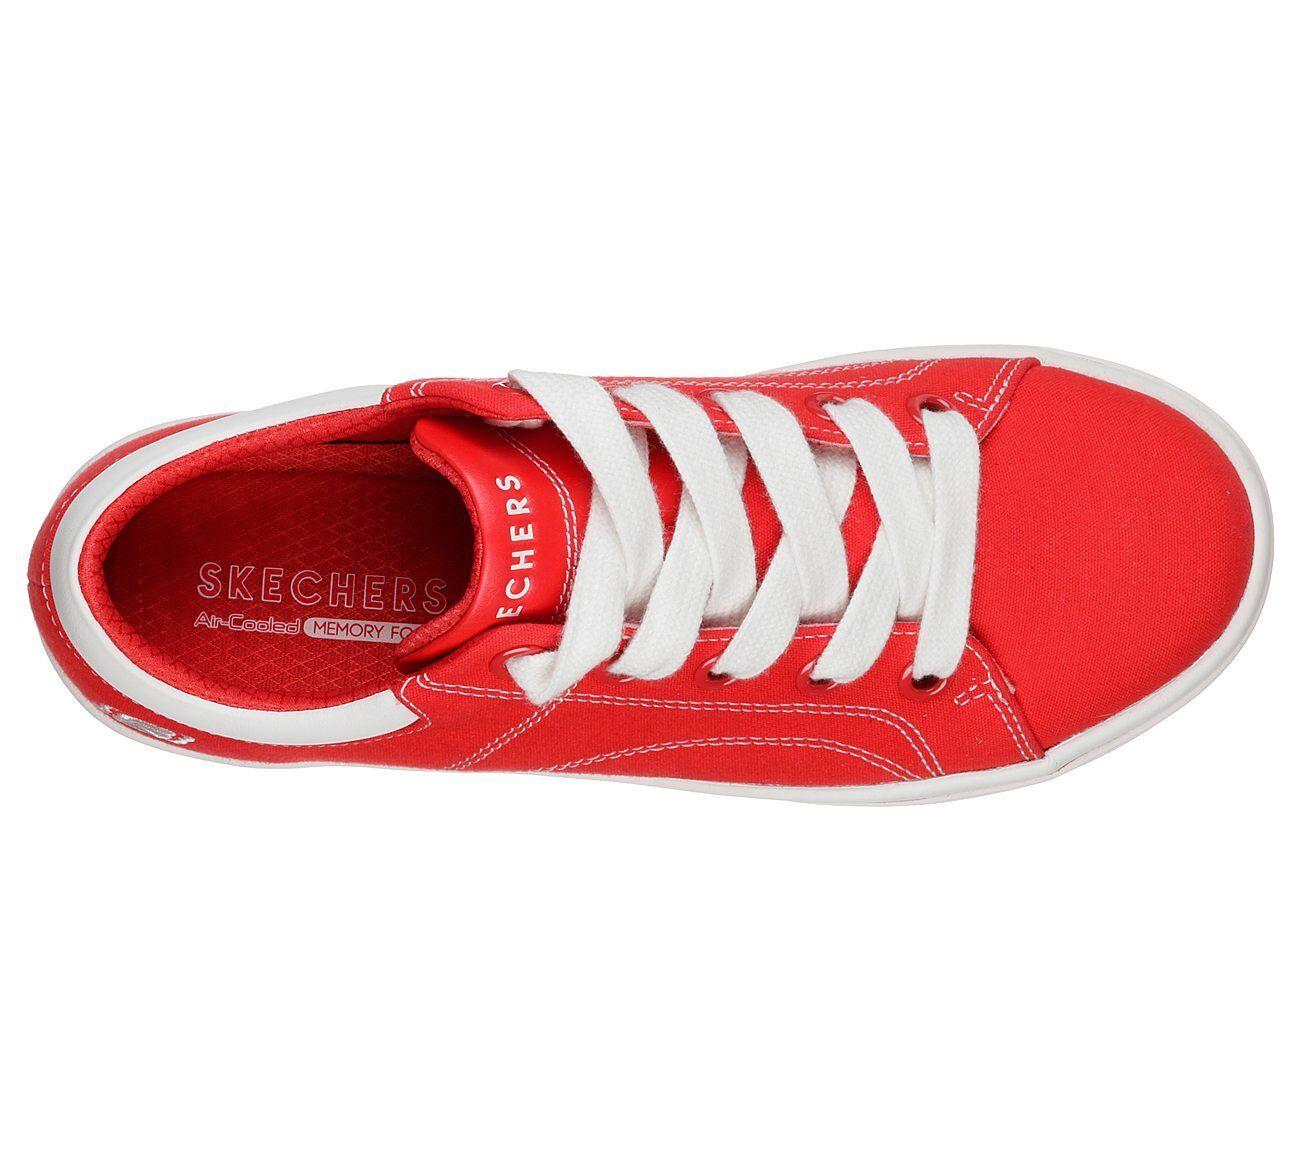 Skechers Street Cala-que Entrenadores vuelva Entrenadores Cala-que Zapatos Clásicos Estilo Retro para Mujer 74100 395ac8